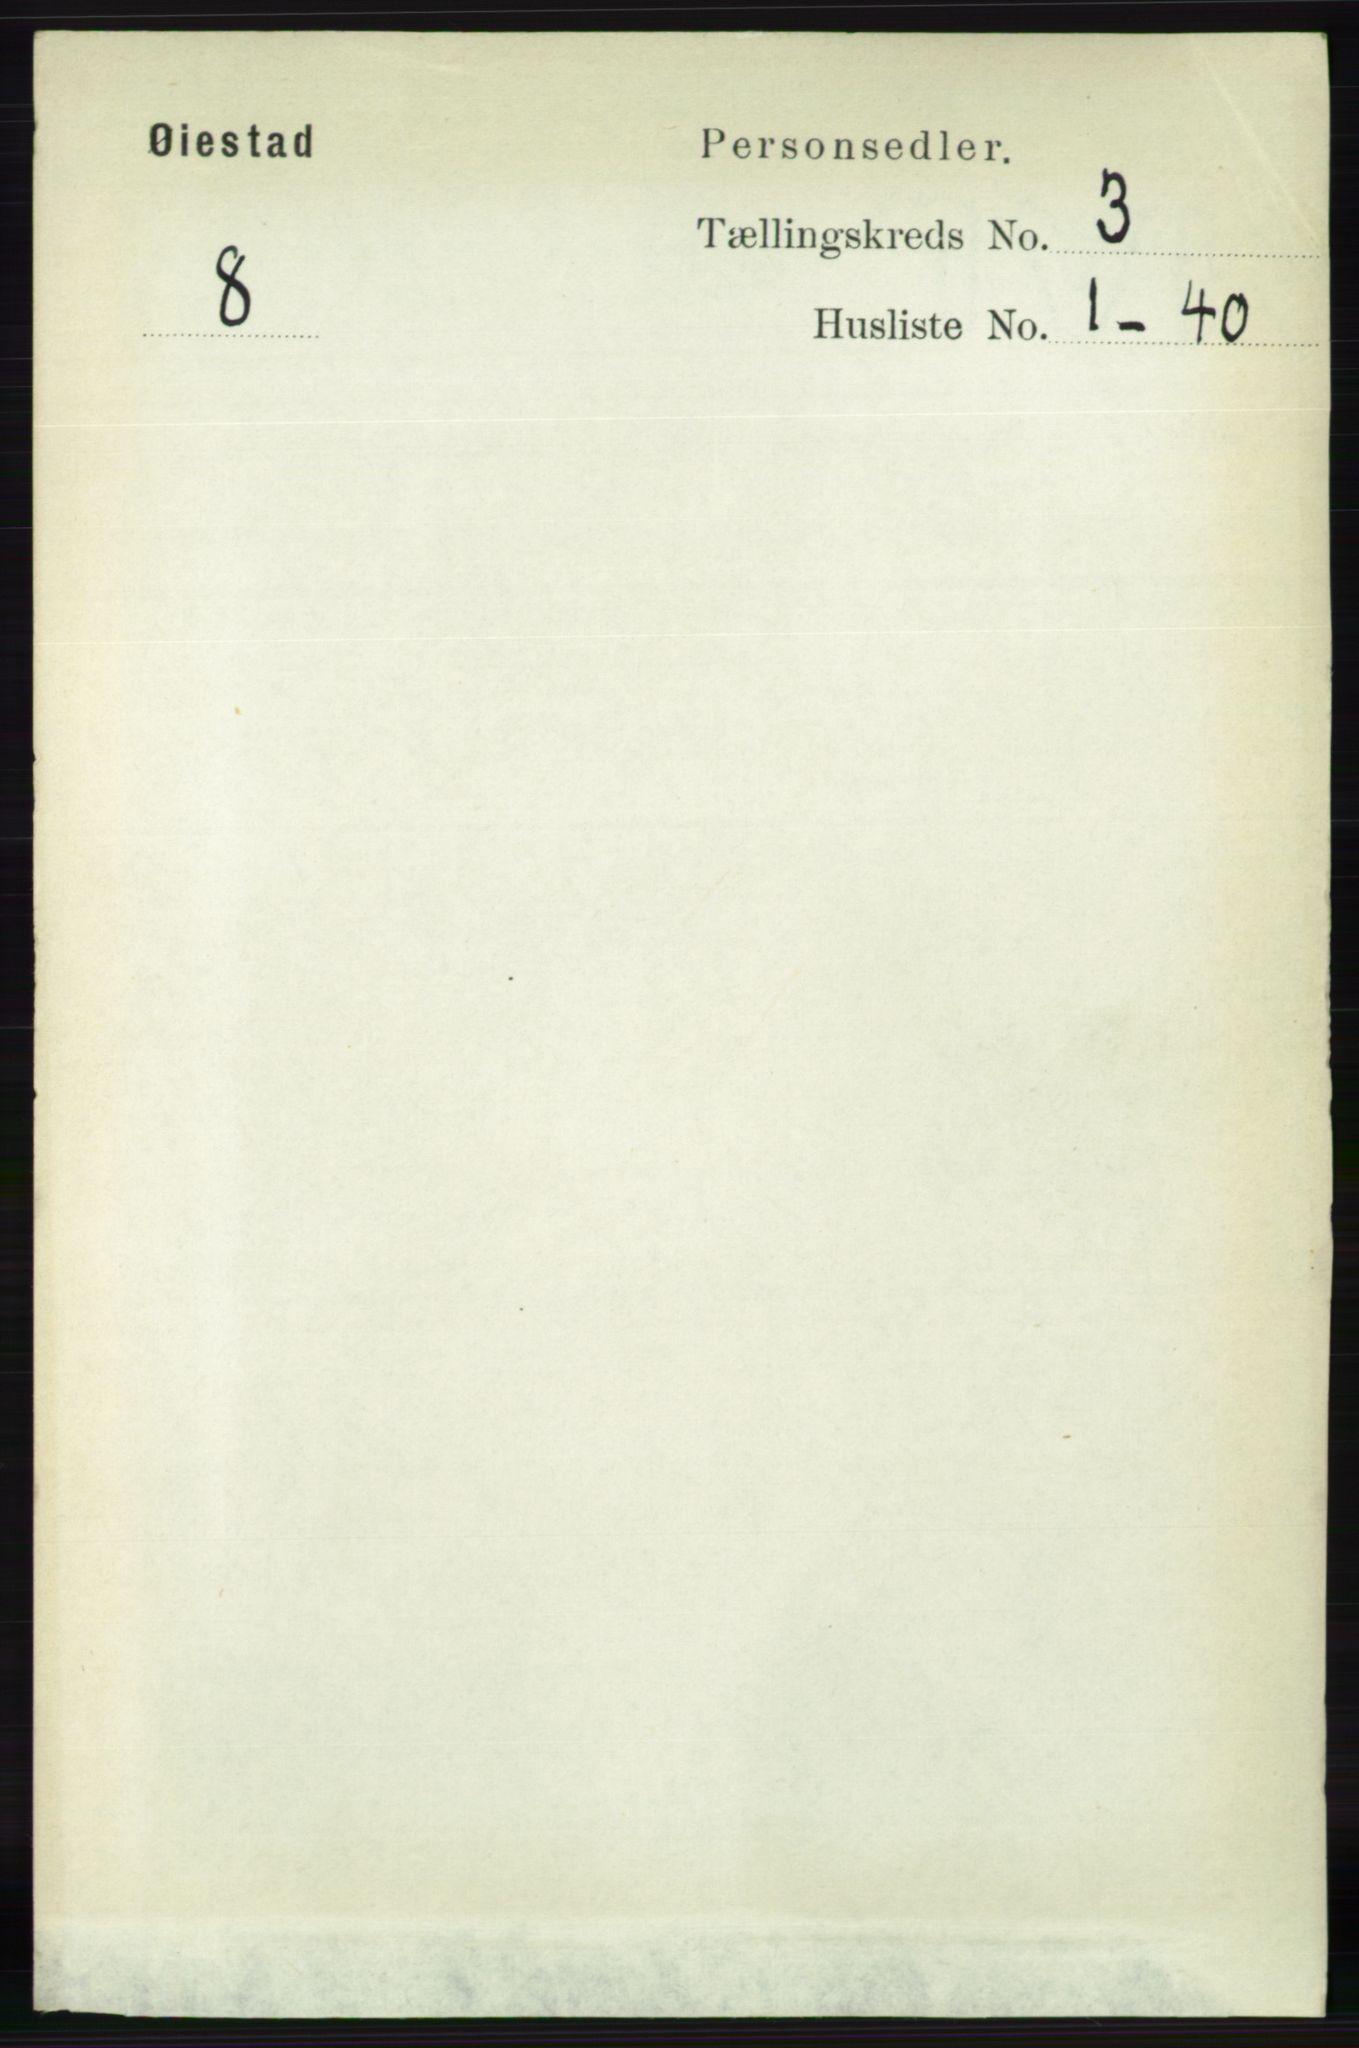 RA, Folketelling 1891 for 0920 Øyestad herred, 1891, s. 907